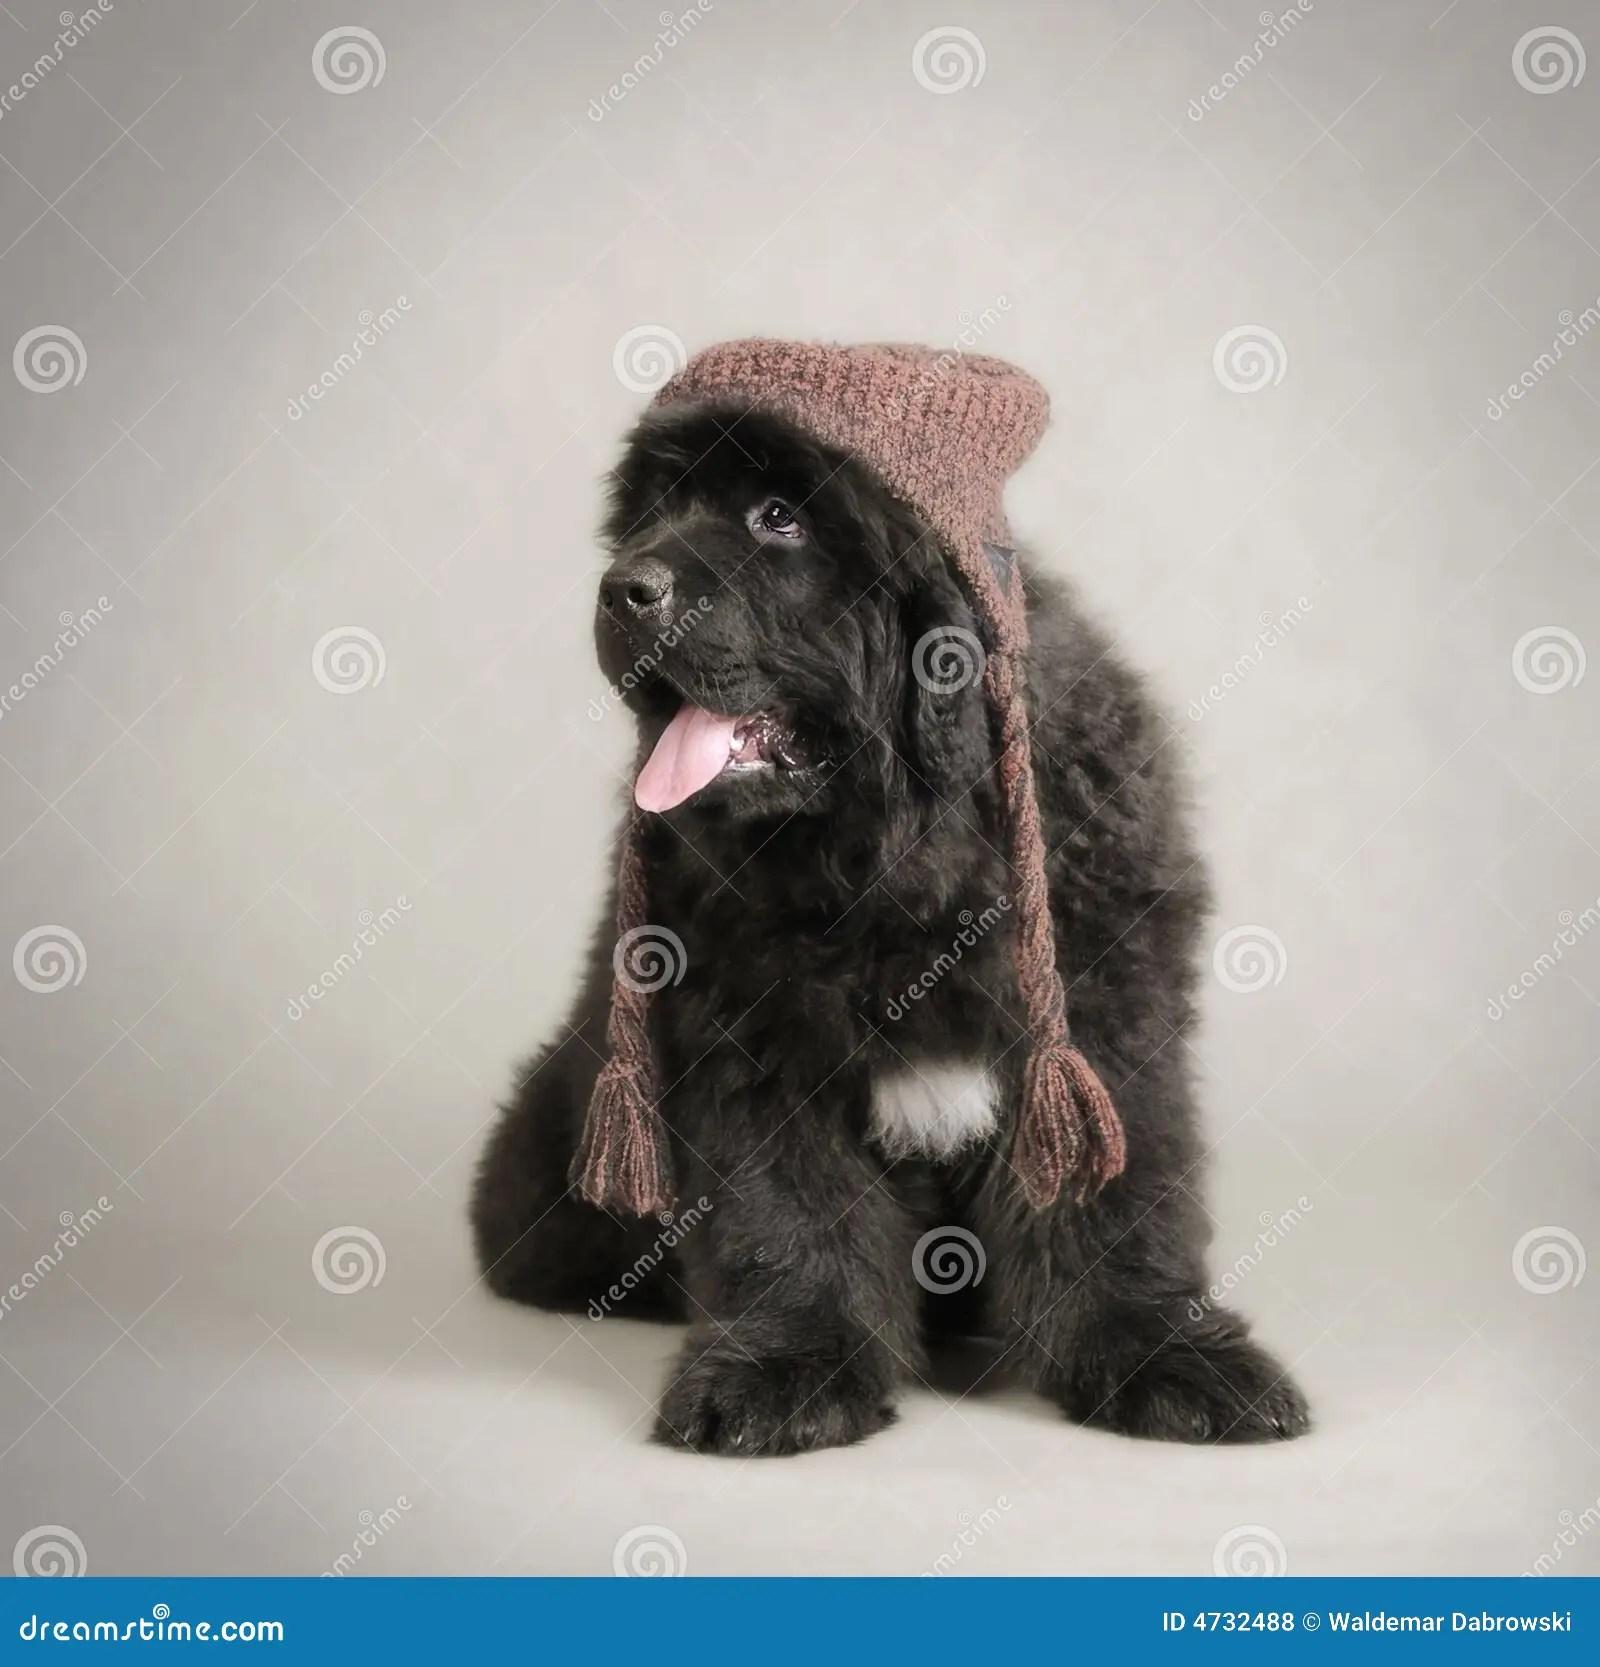 Newfoundland Dog Puppy Royalty Free Stock Photos Image